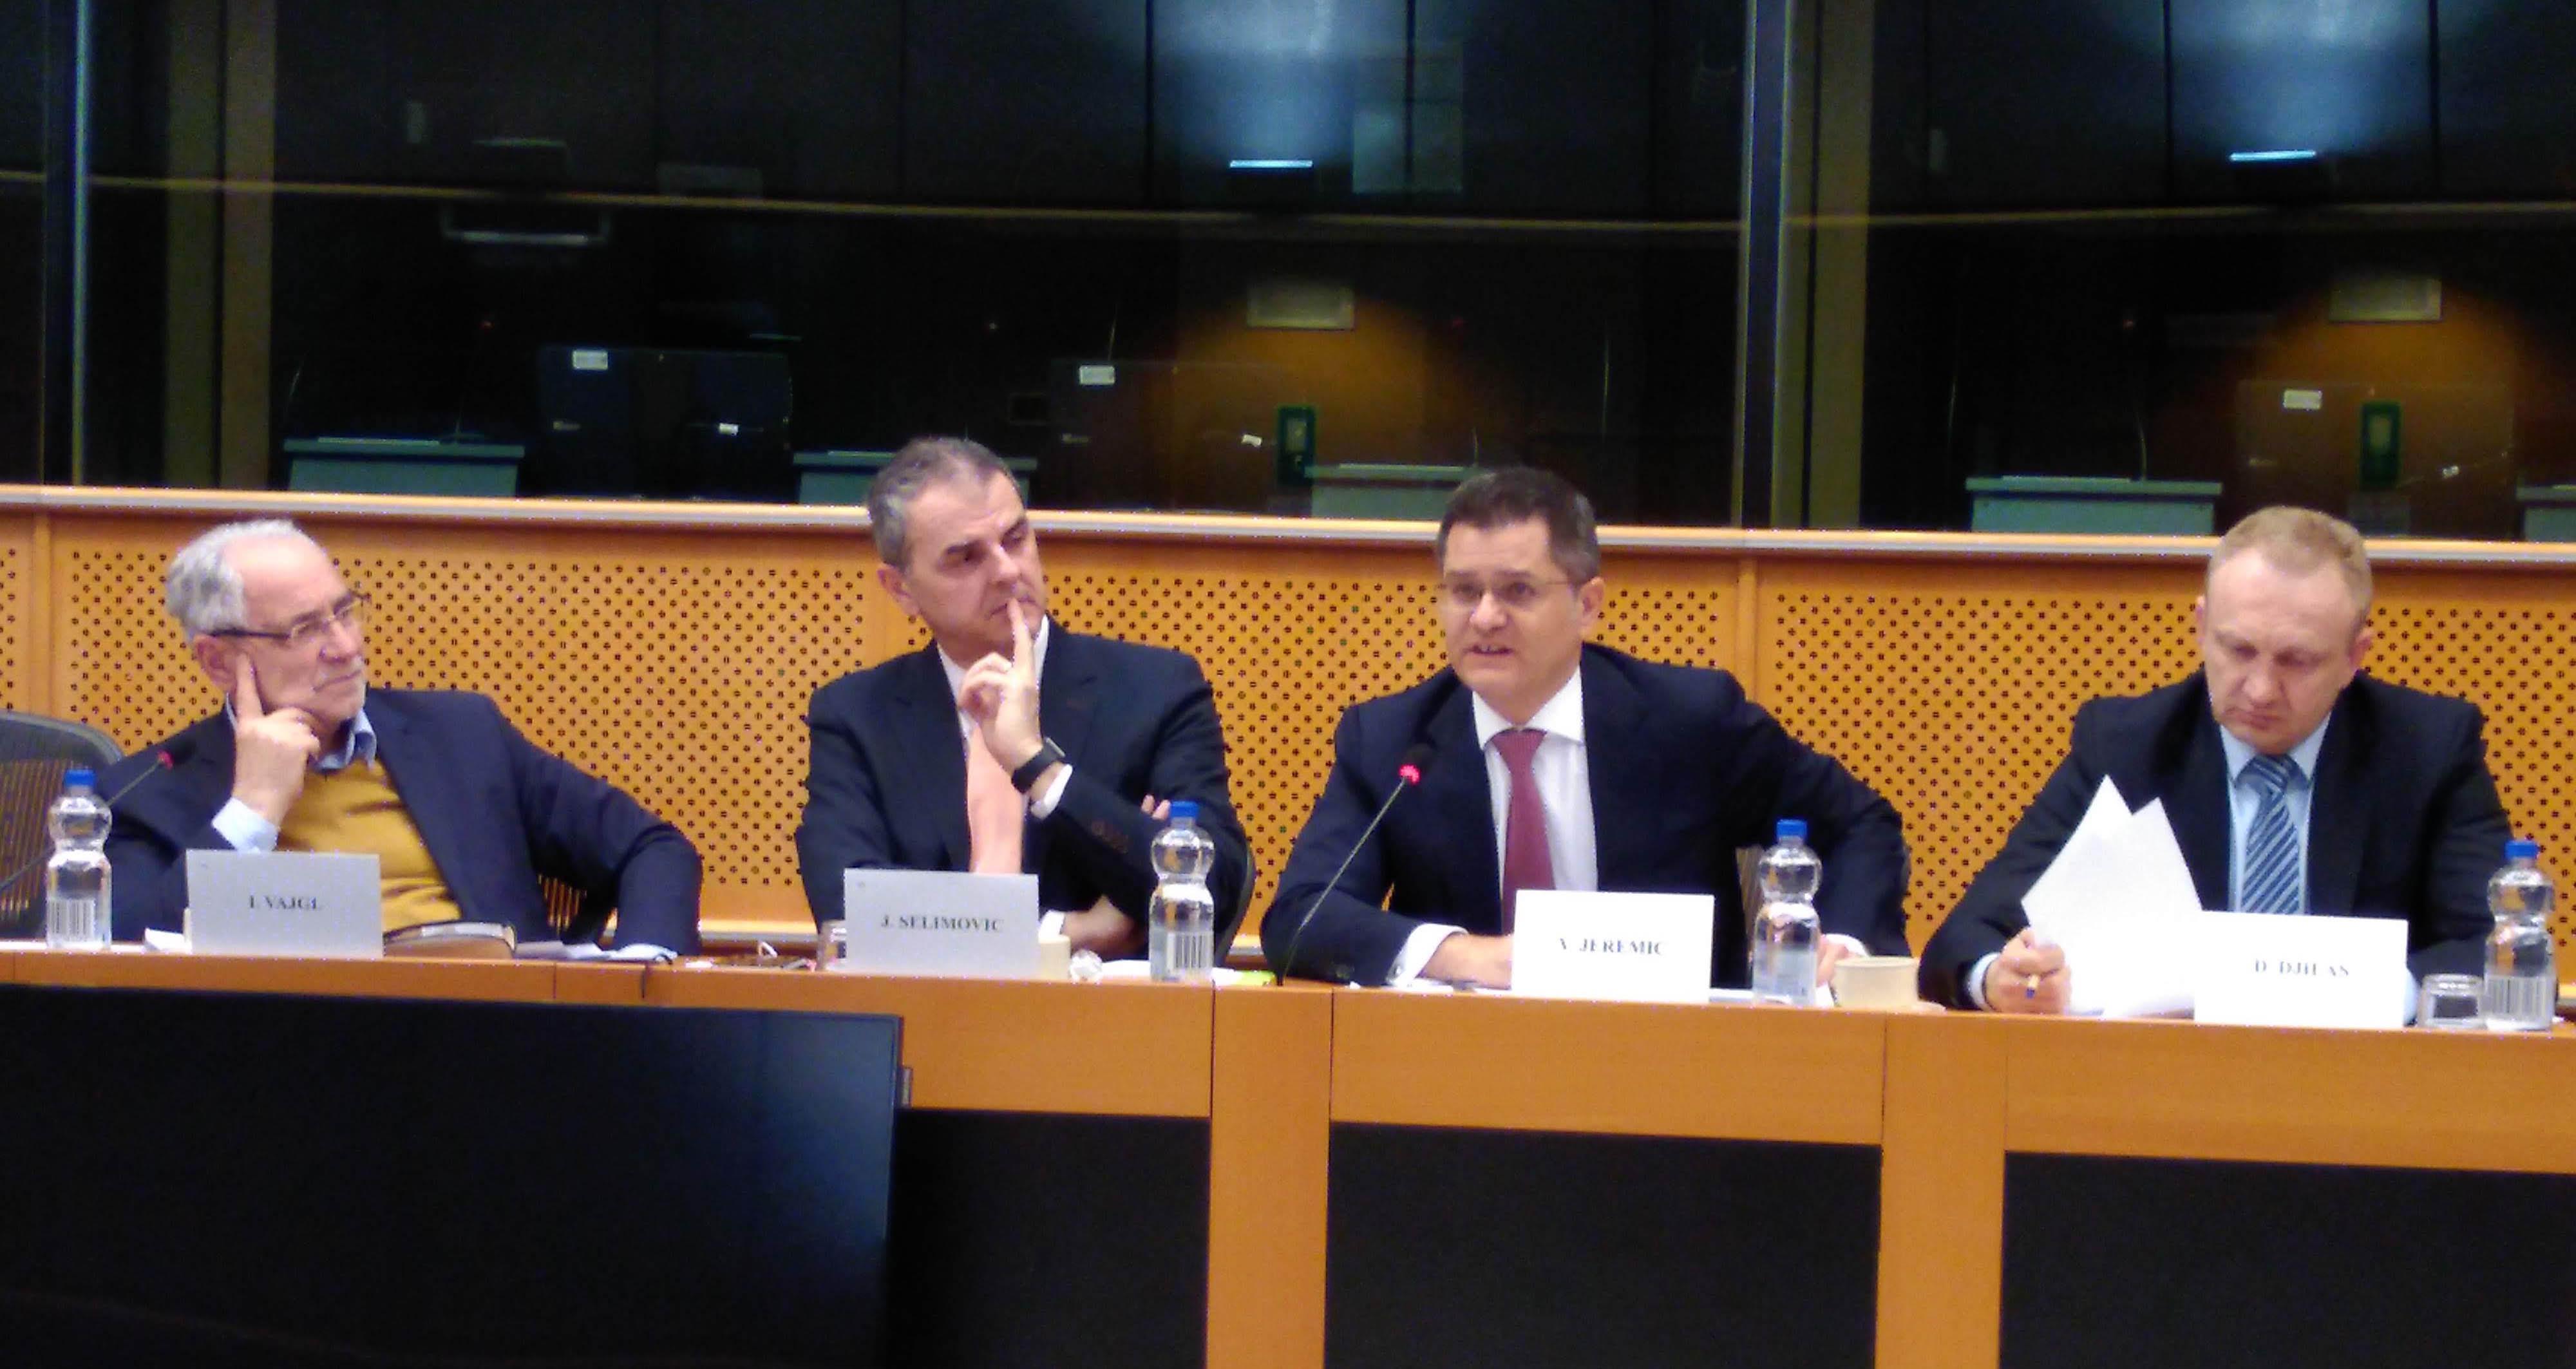 Јеремић и Ђилас у Европском парламенту у Бриселу